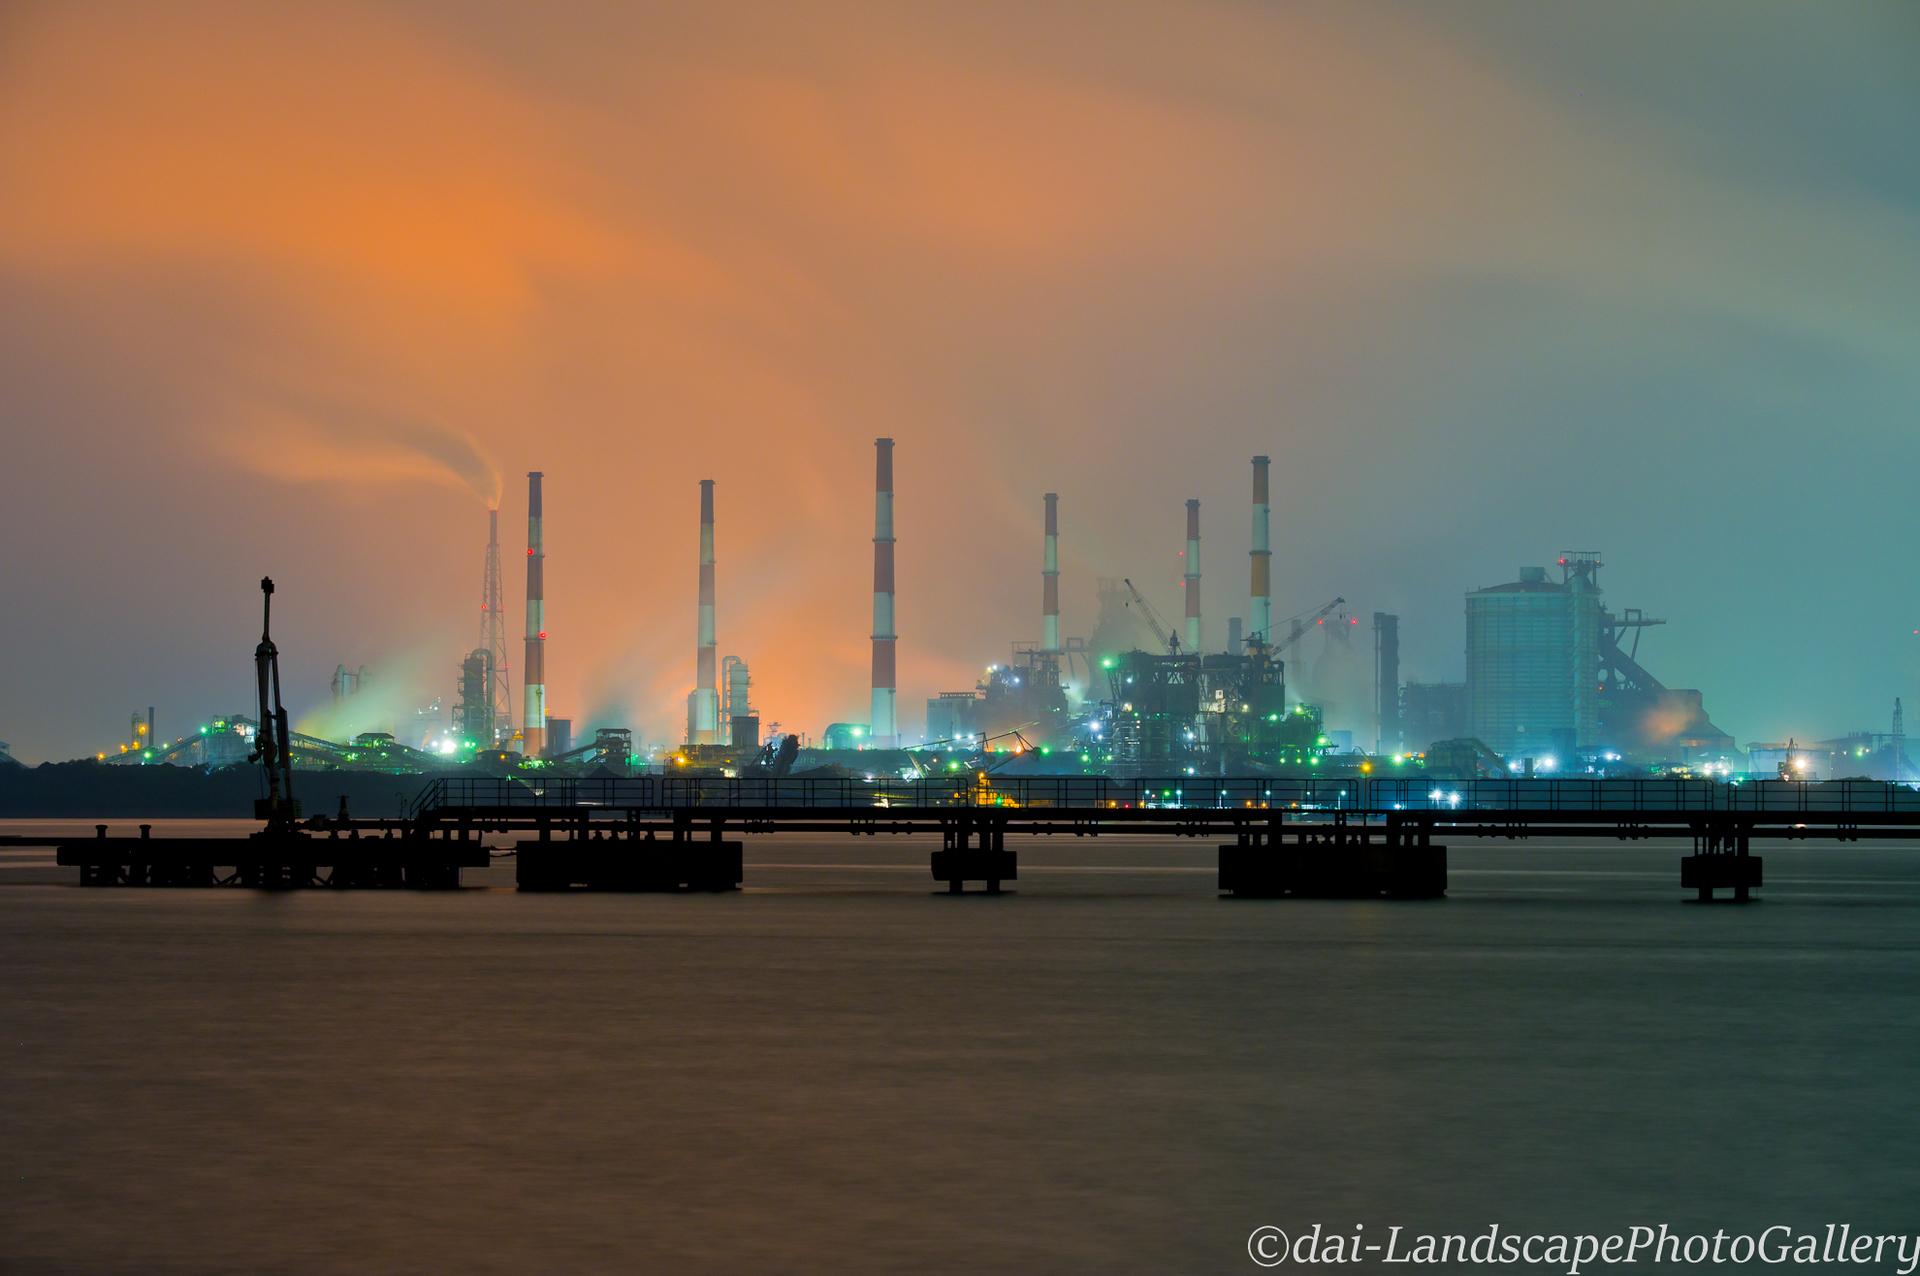 水島製鉄所工場夜景